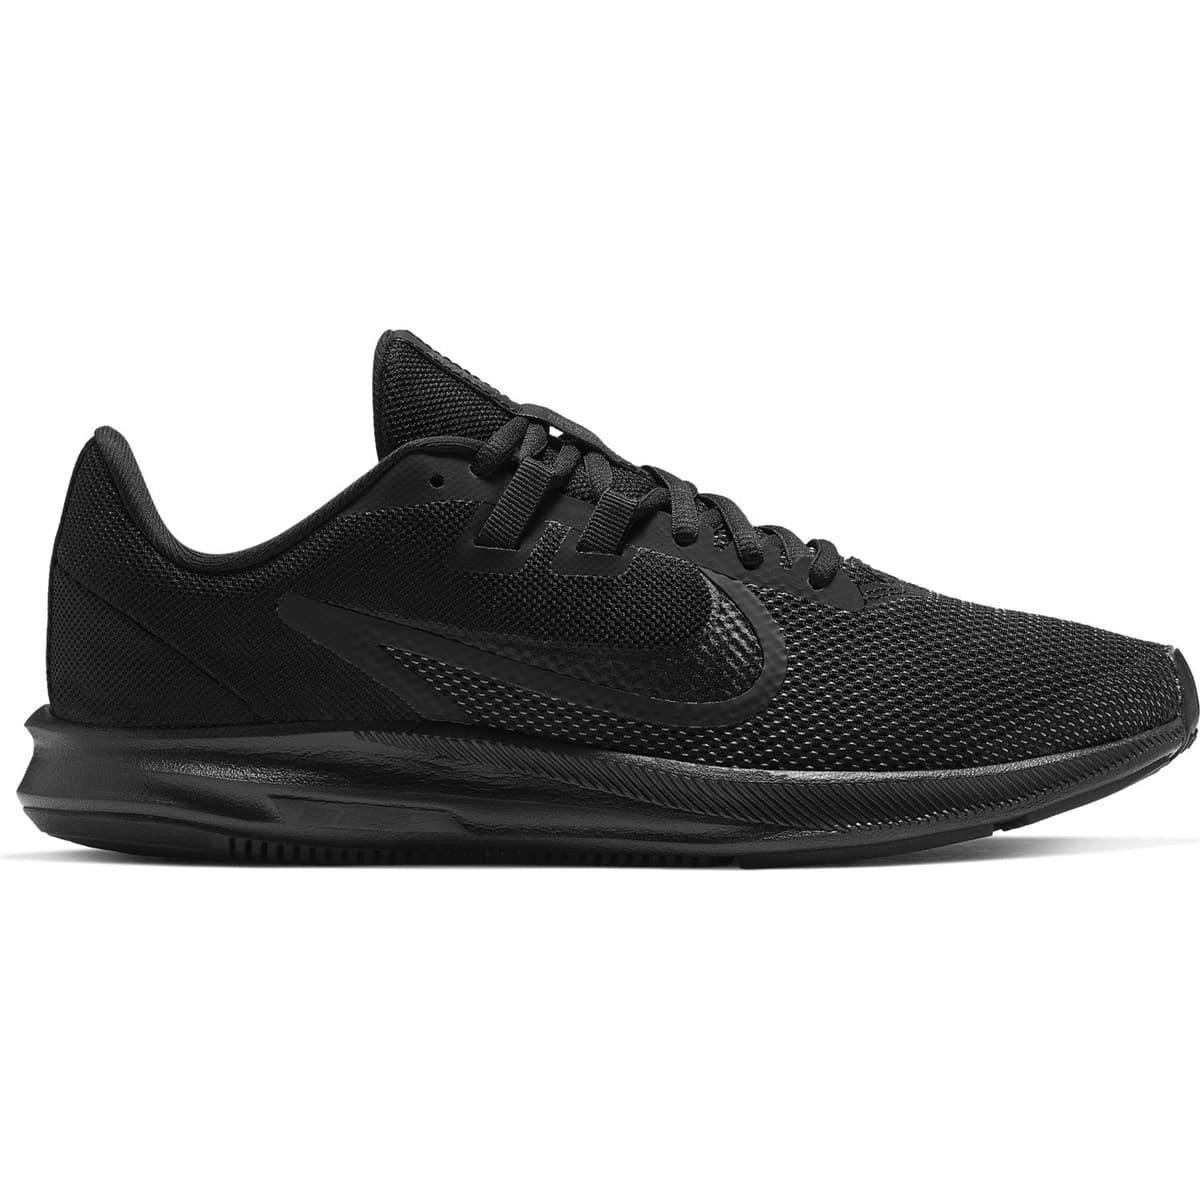 Downshifter 9 Kadın Siyah Koşu Ayakkabısı (AQ7486-005)